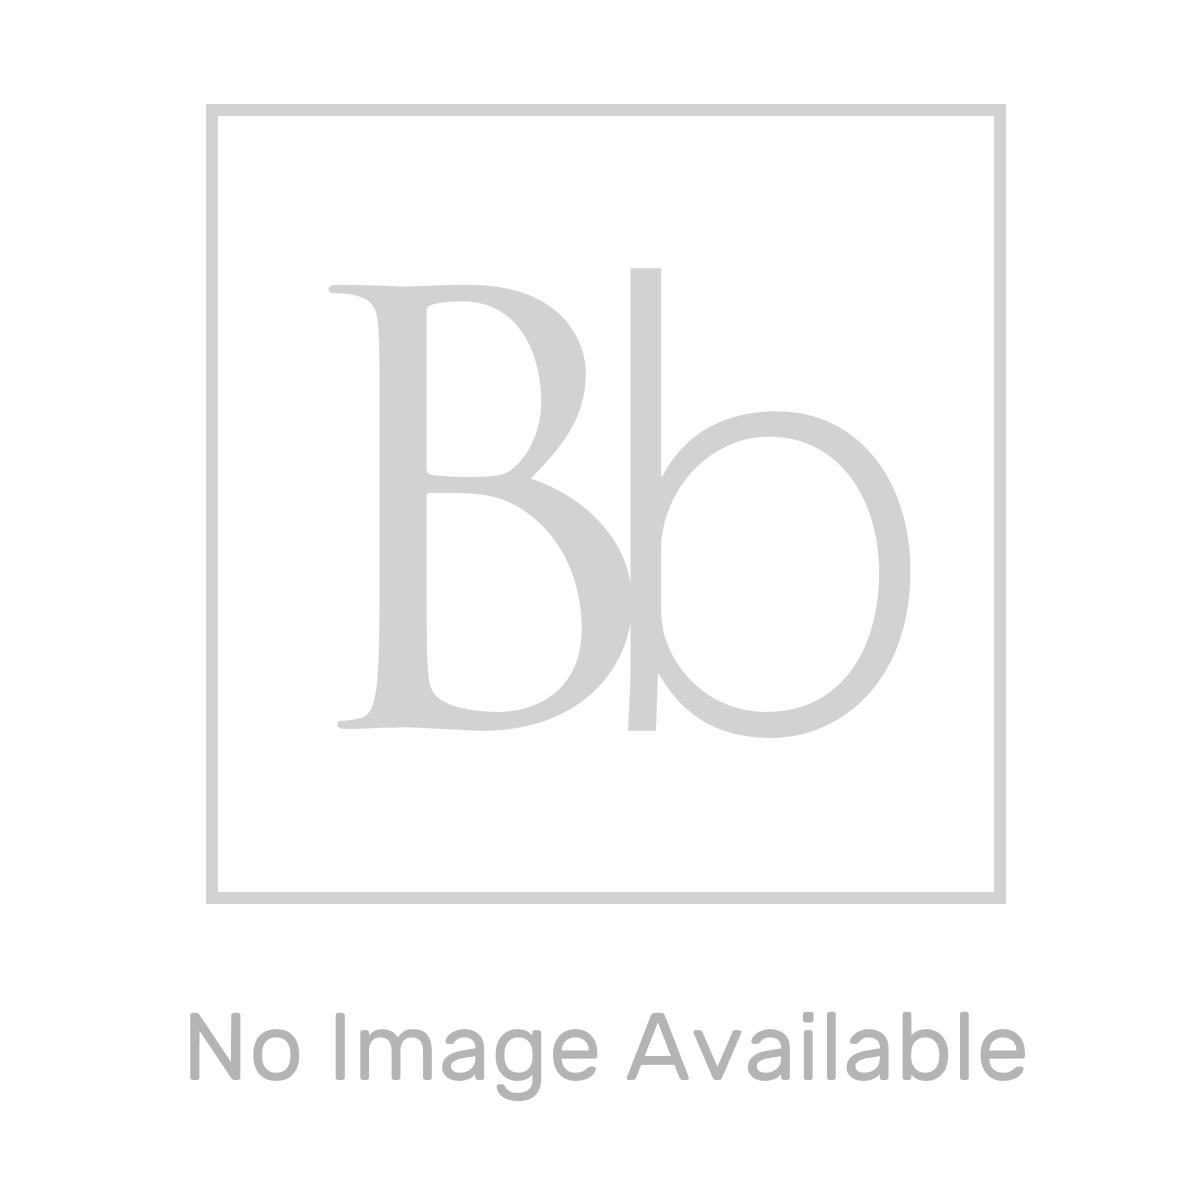 RAK Prima Tech Single Outlet Thermostatic Shower Valve Measurements